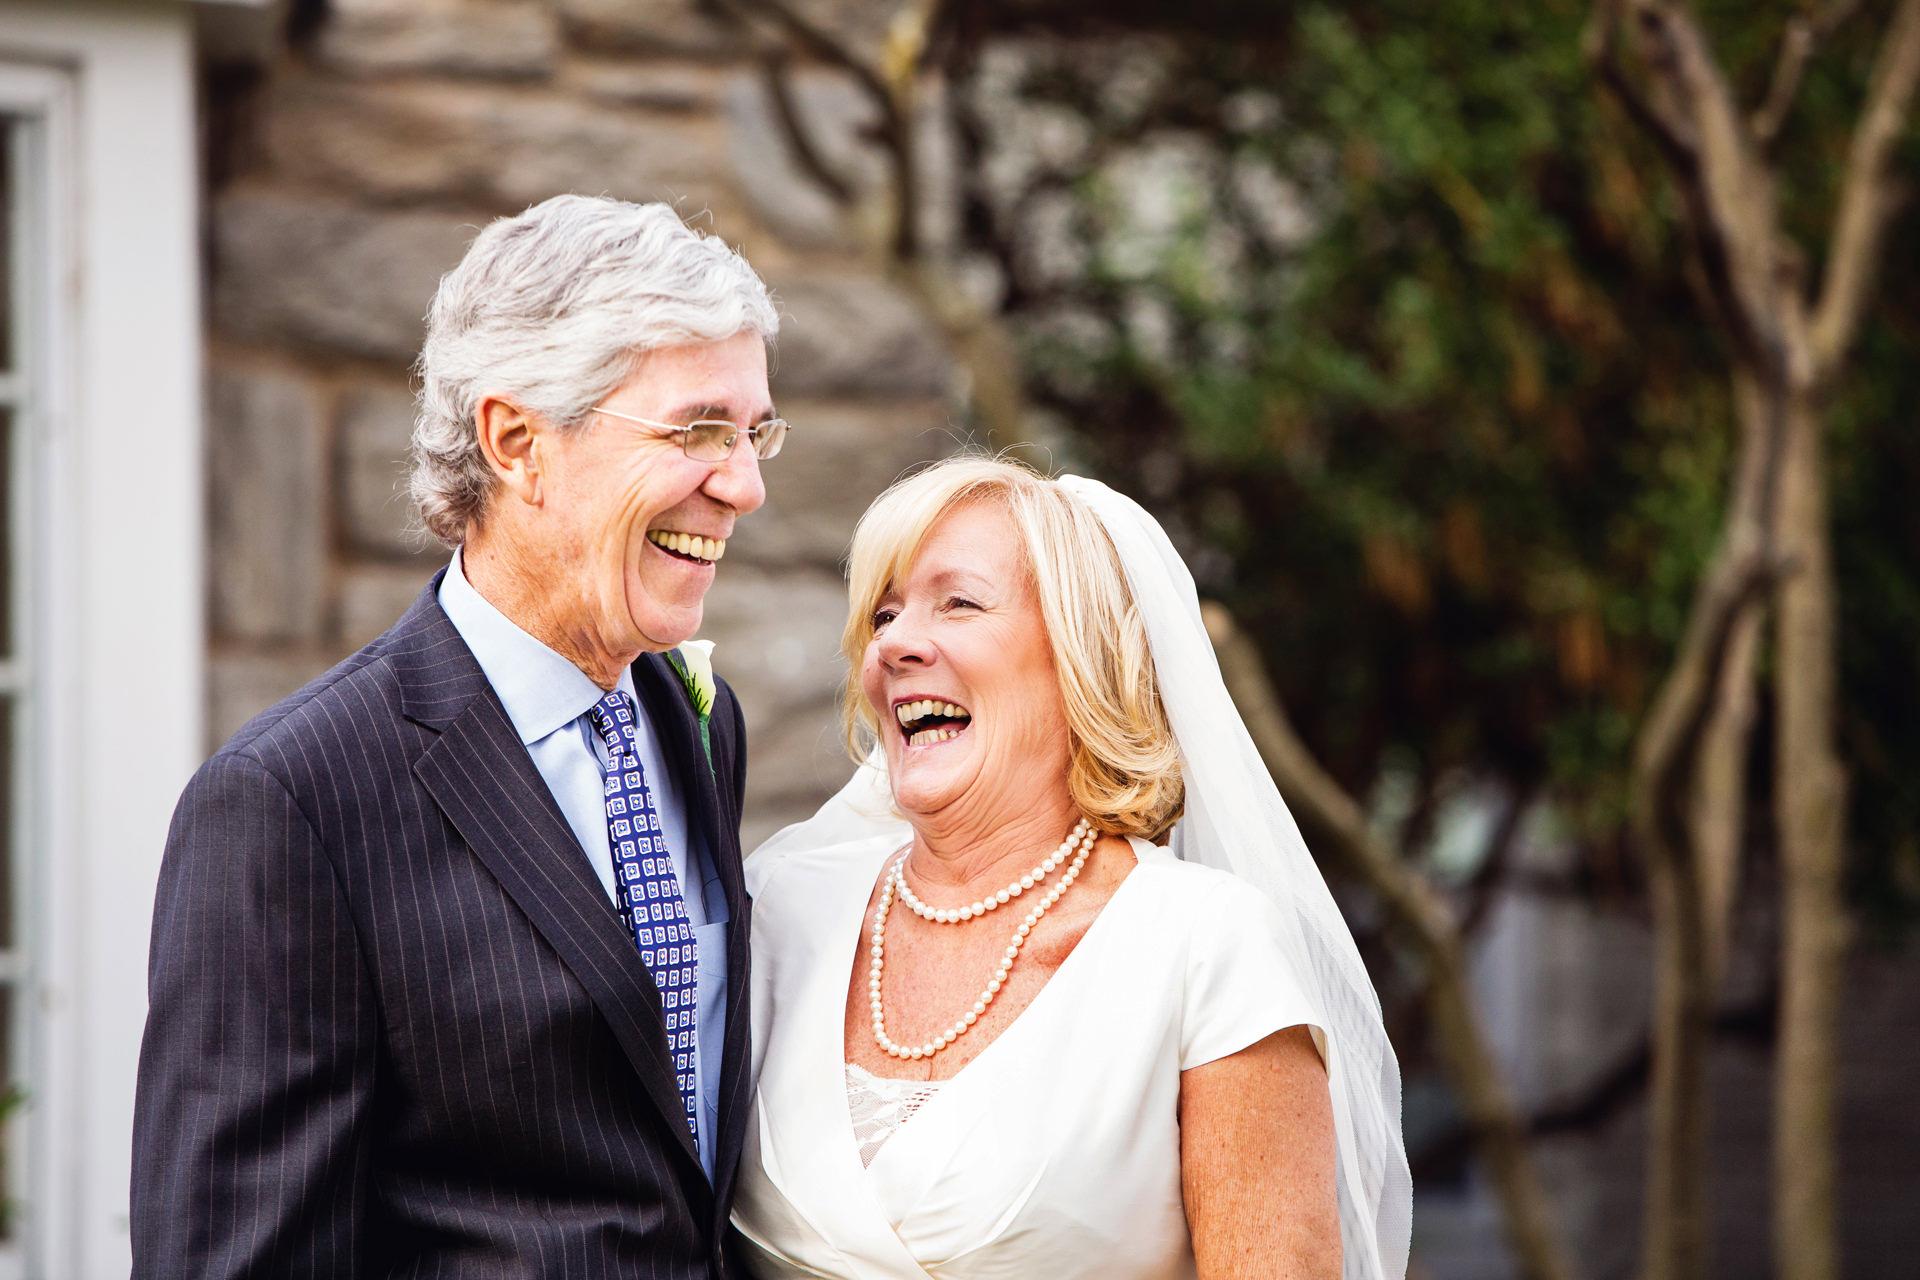 NJ Wedding Elopement Couple Portrait | La mariée et le marié sont pleins de rire juste avant de se marier